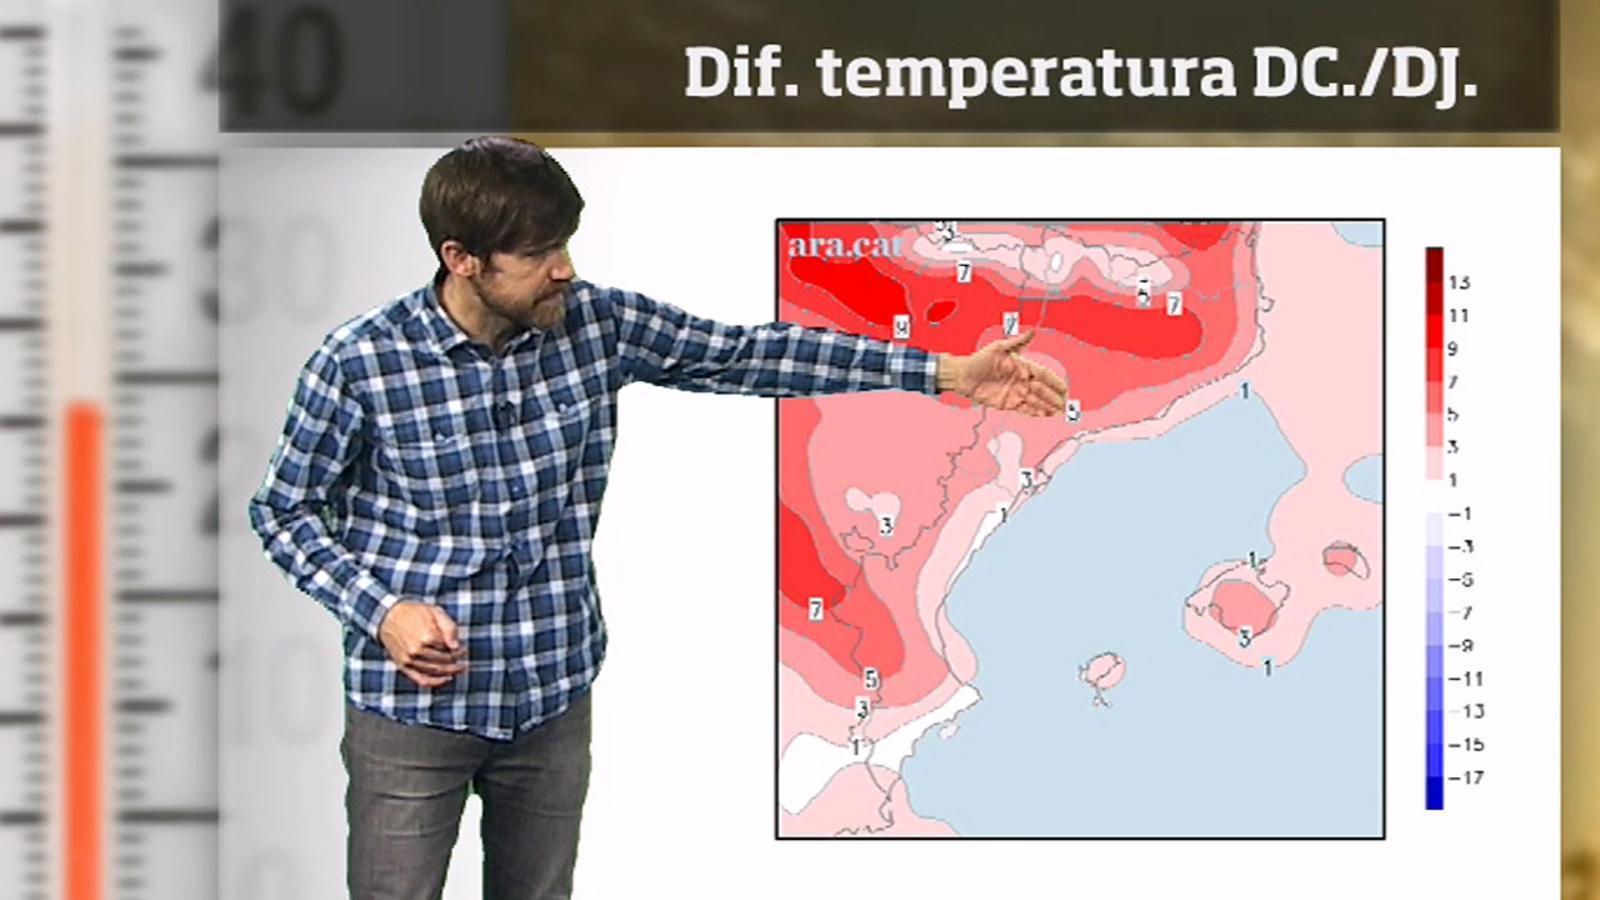 La méteo en 1 minut: dijous serà el dia més càlid i amb més sol de la setmana